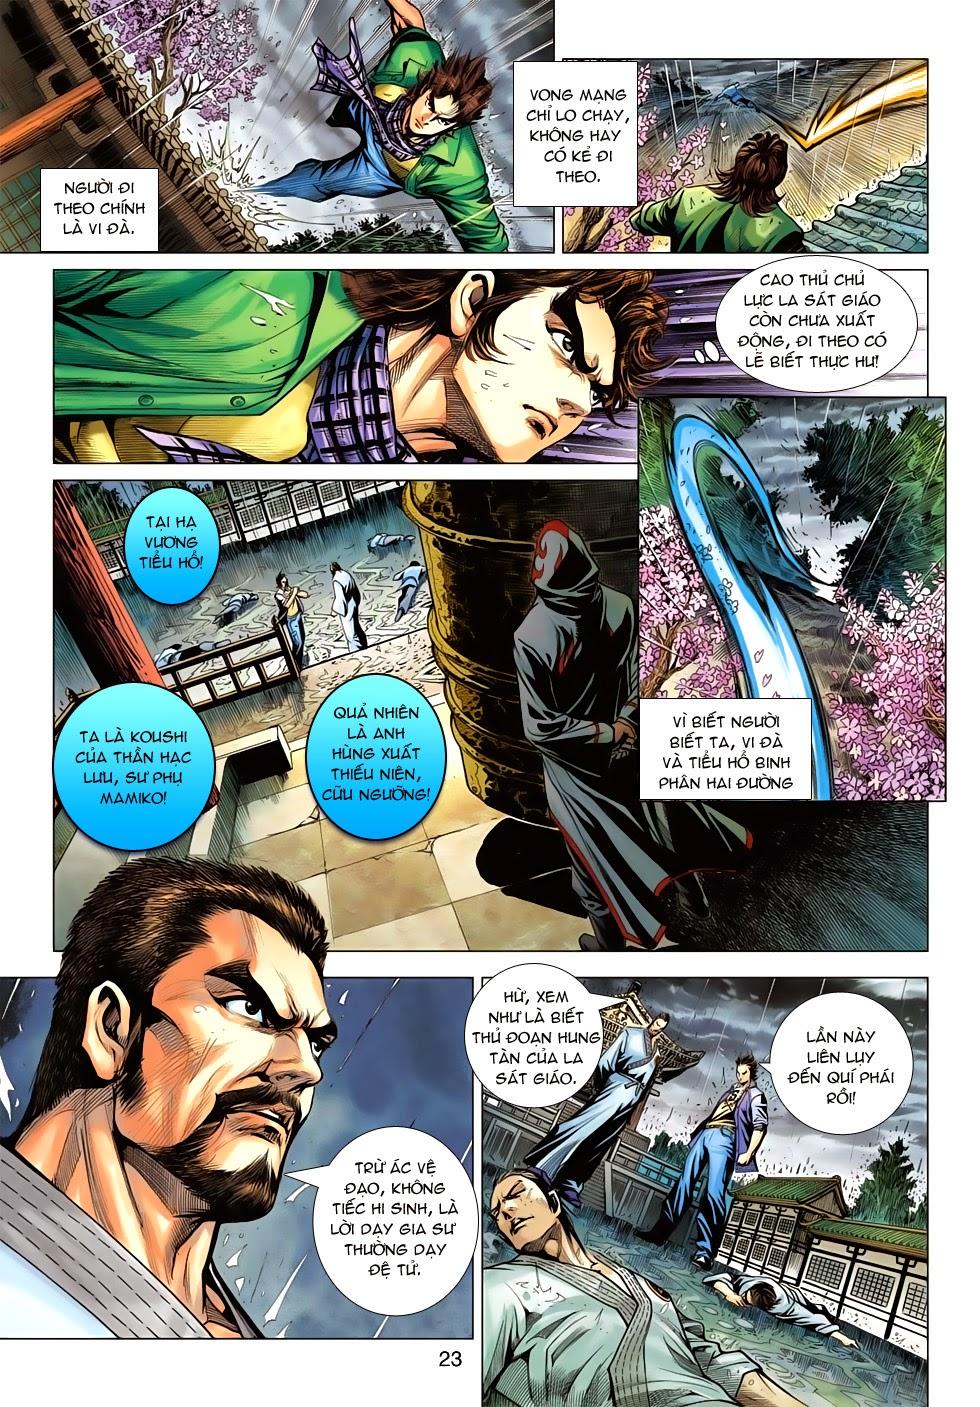 Tân Tác Long Hổ Môn chap 643 - Trang 23